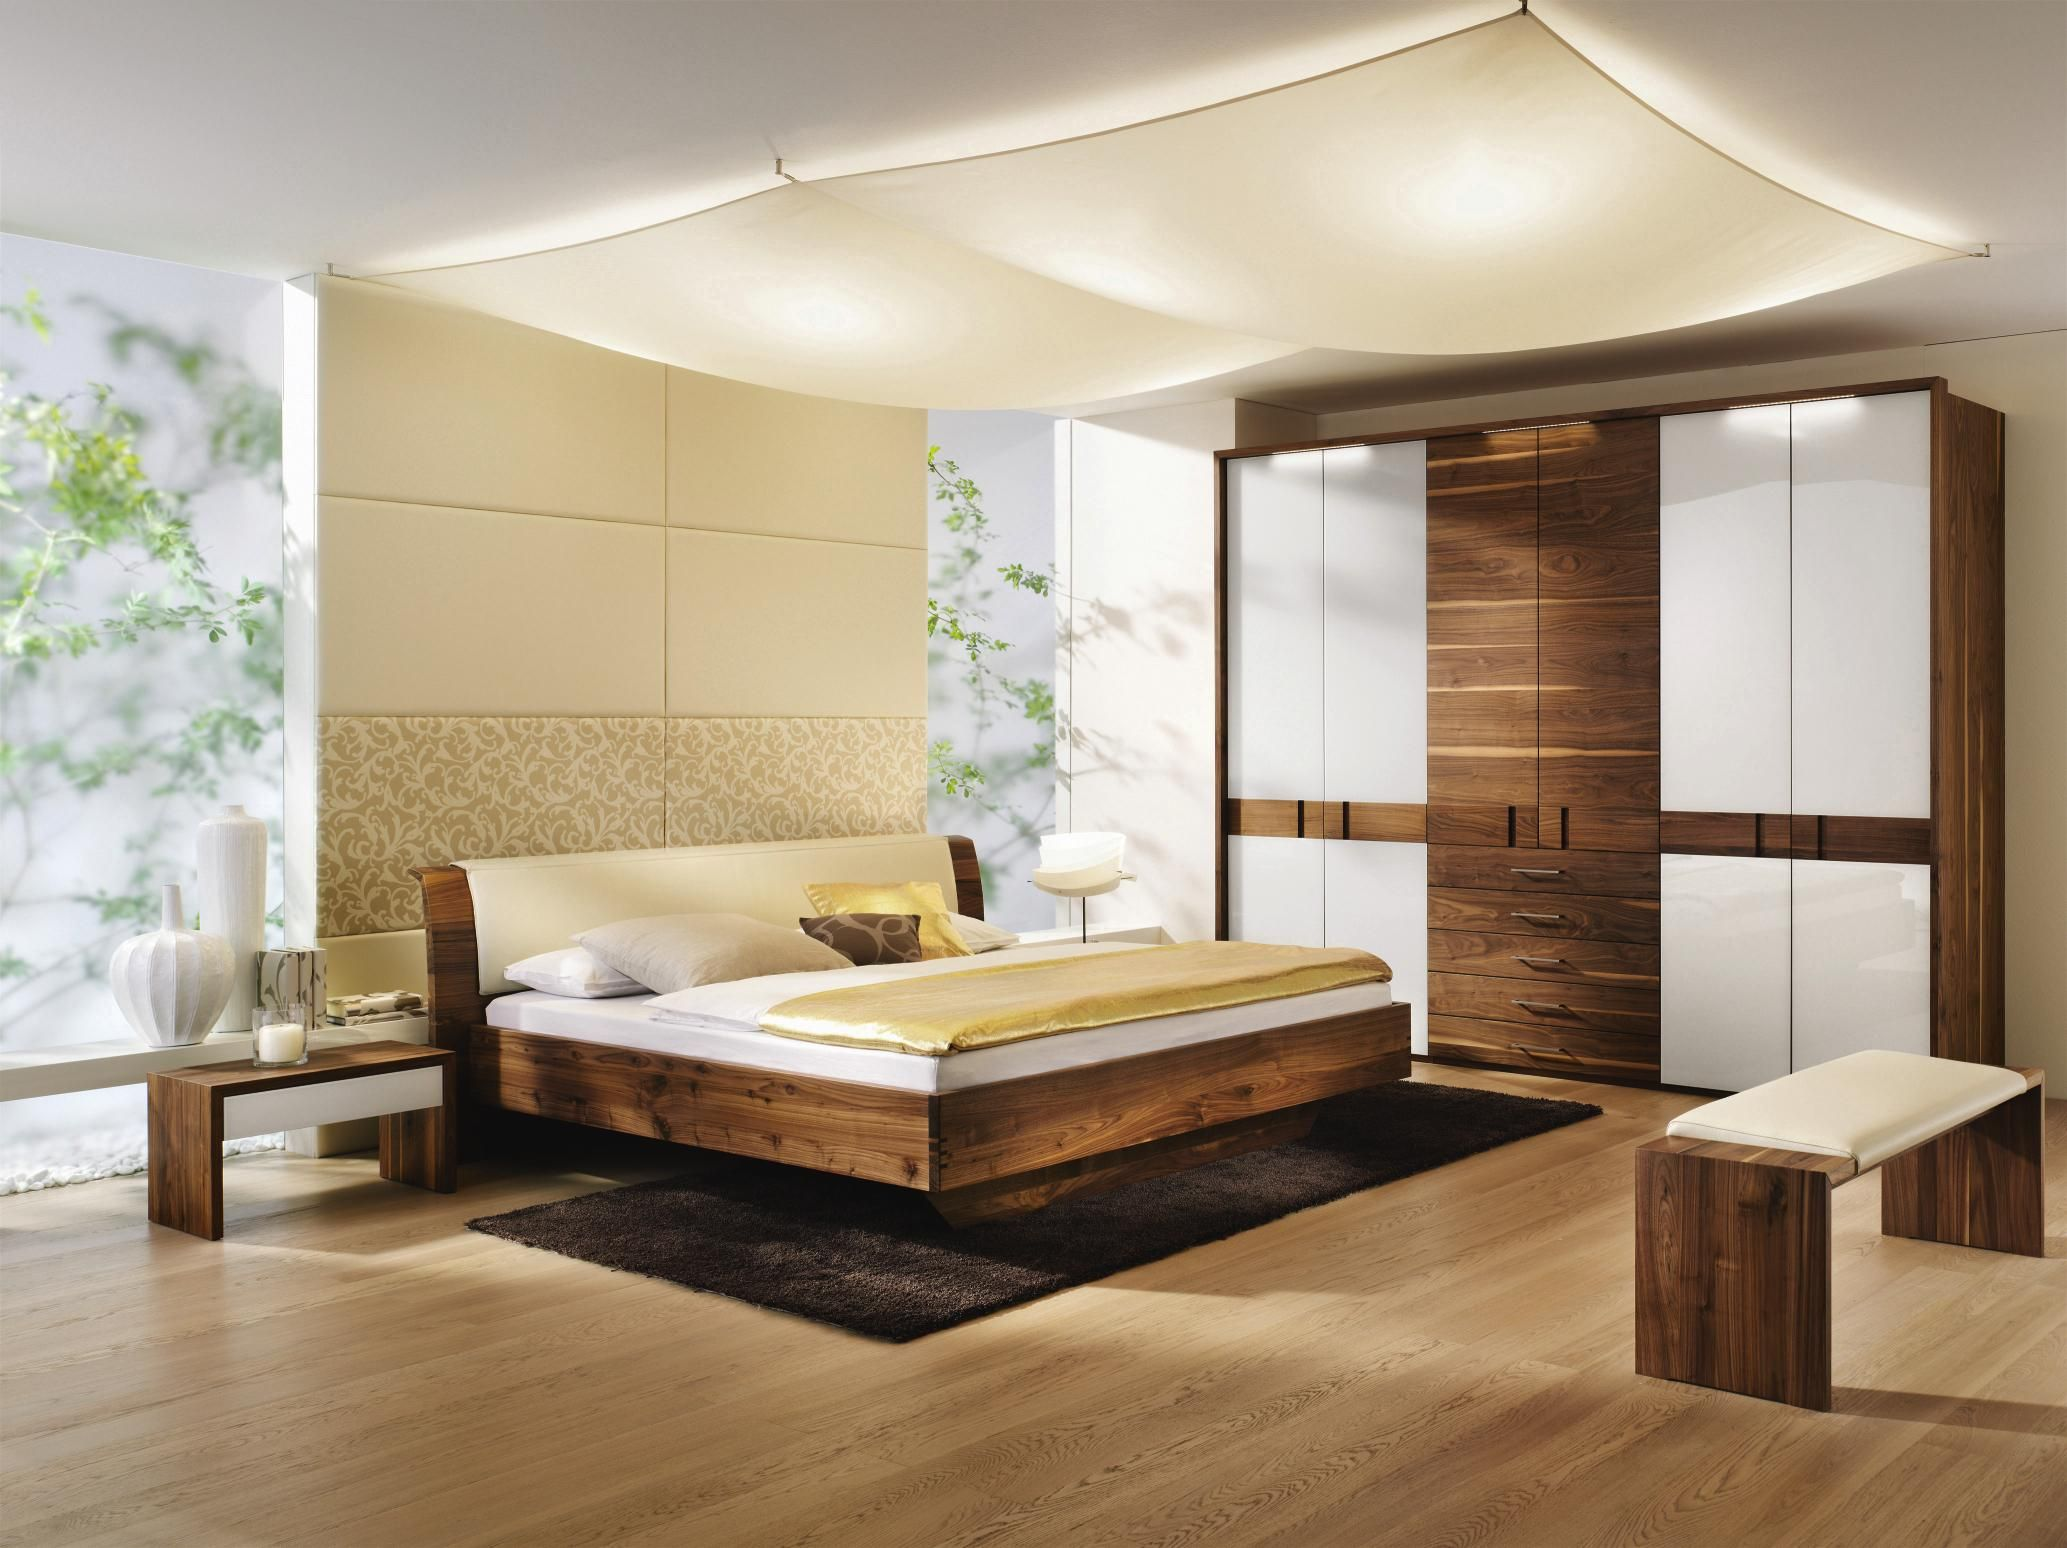 Modernes Schlafzimmer von ANREI: hochwertig und elegant  Schlafzimmer  Pinterest  Moderne ...